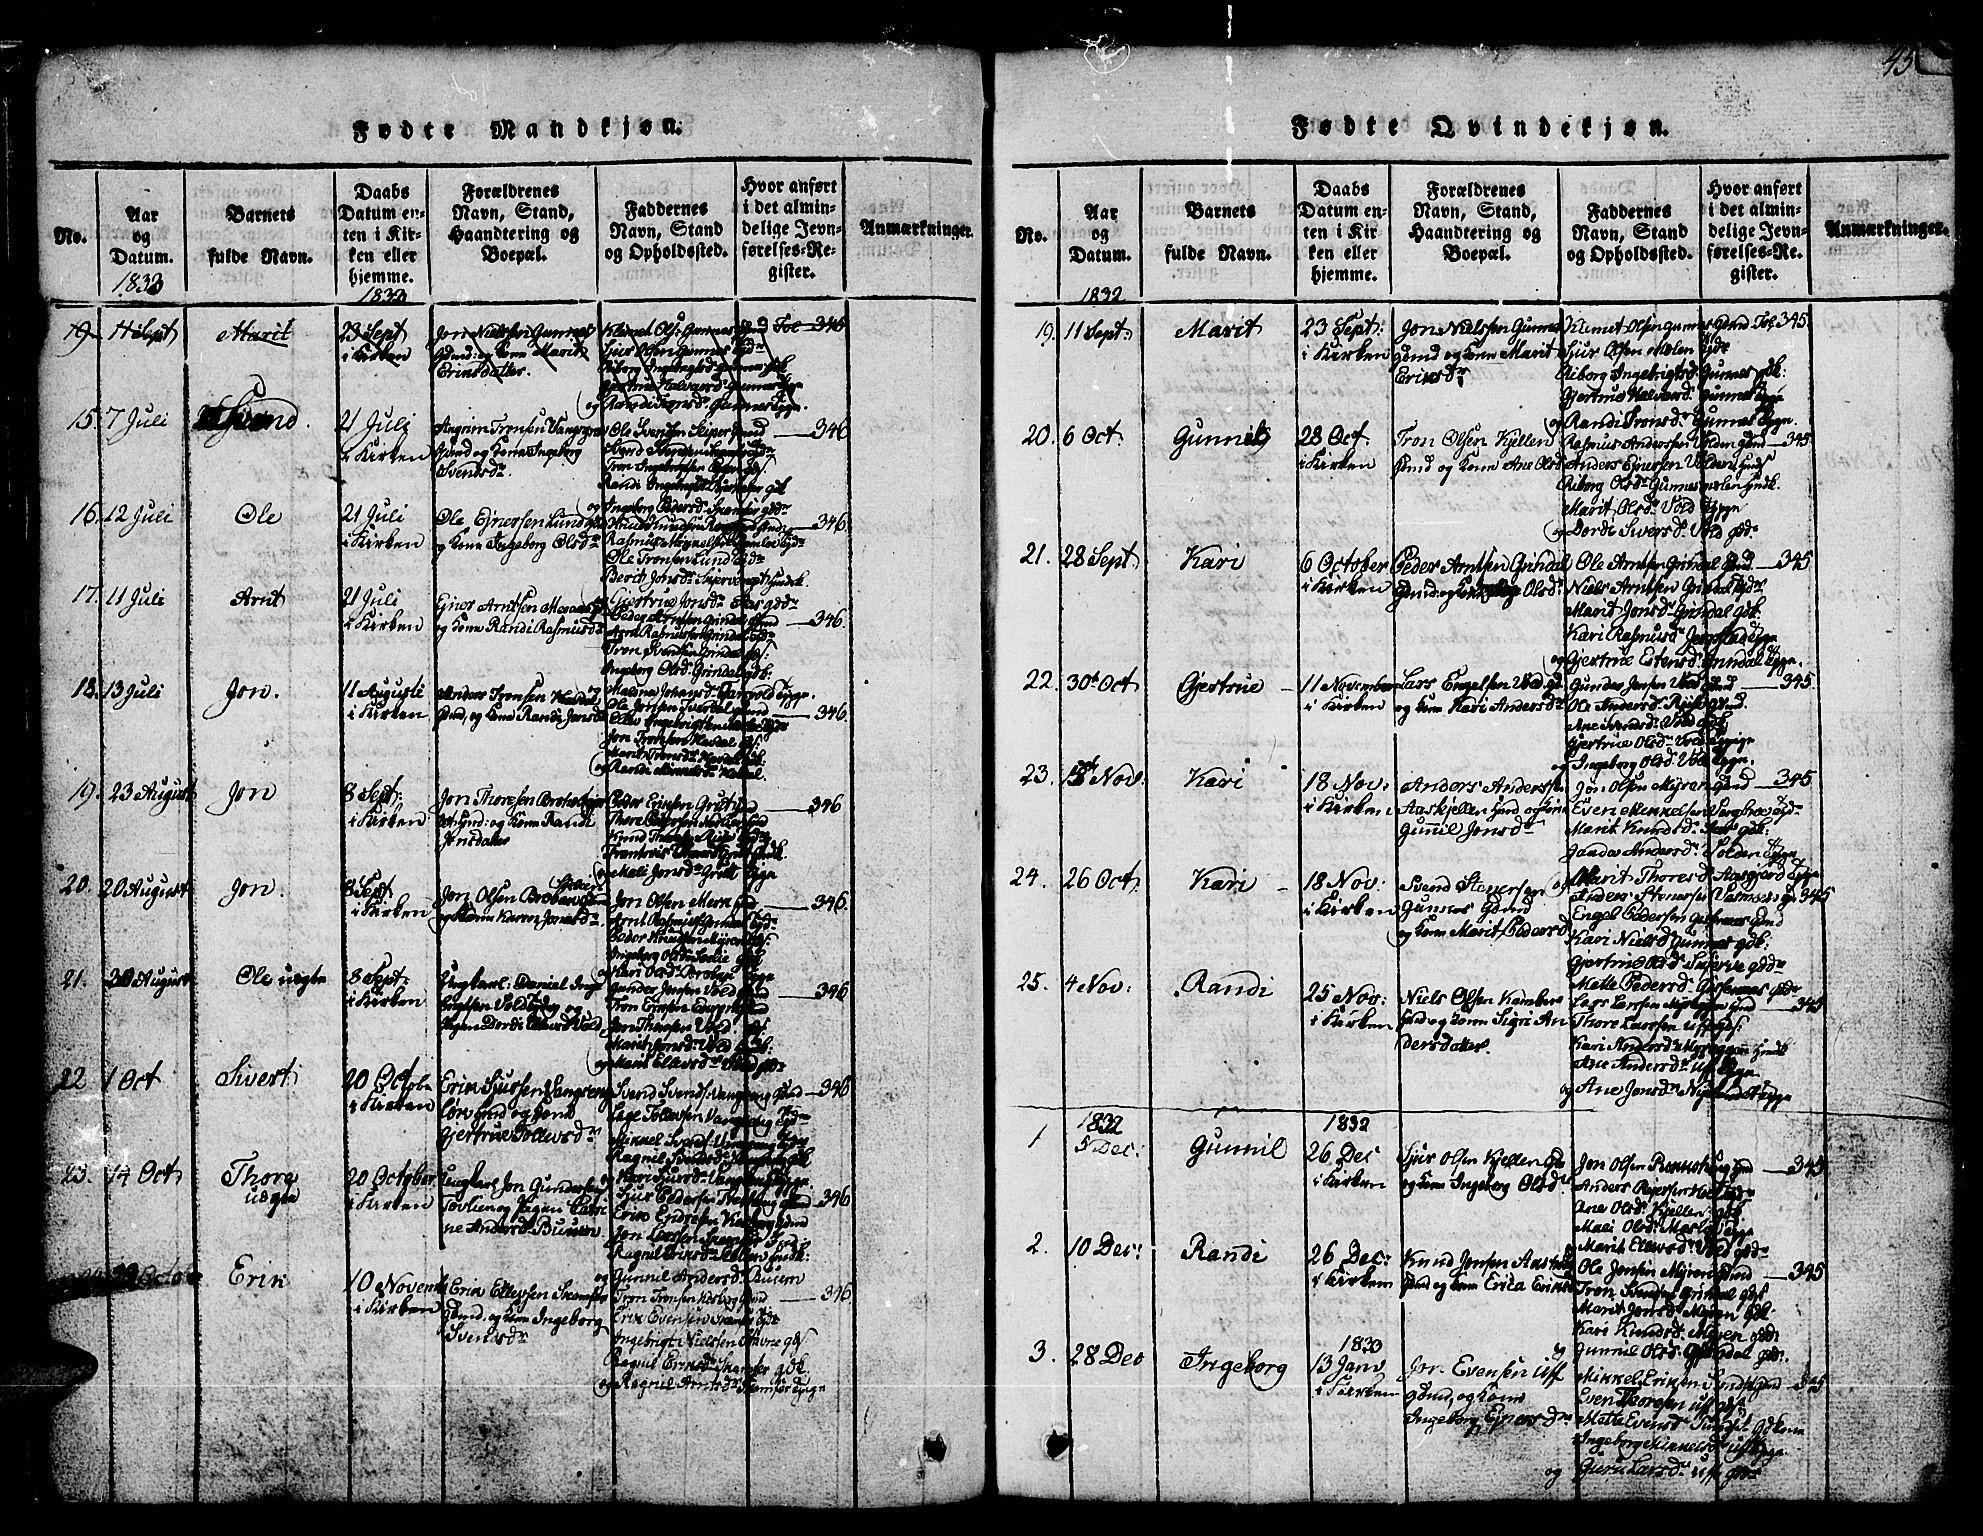 SAT, Ministerialprotokoller, klokkerbøker og fødselsregistre - Sør-Trøndelag, 674/L0874: Klokkerbok nr. 674C01, 1816-1860, s. 45